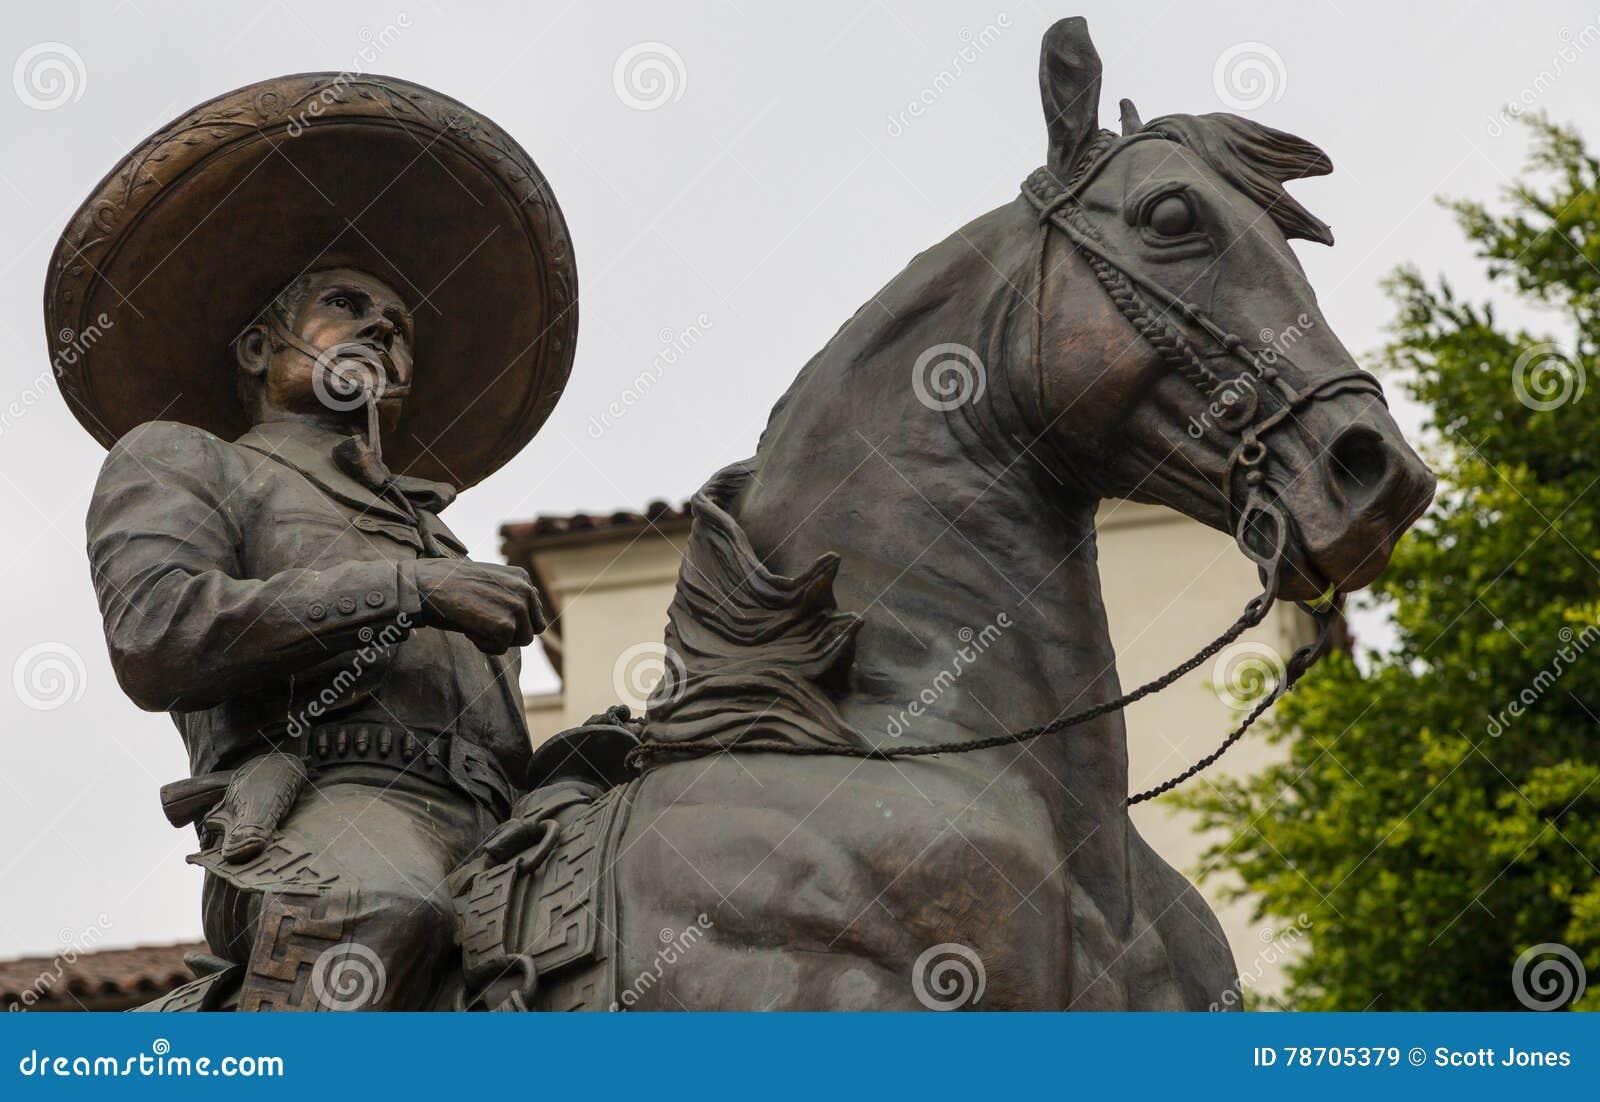 Antonio Aguilar Statue